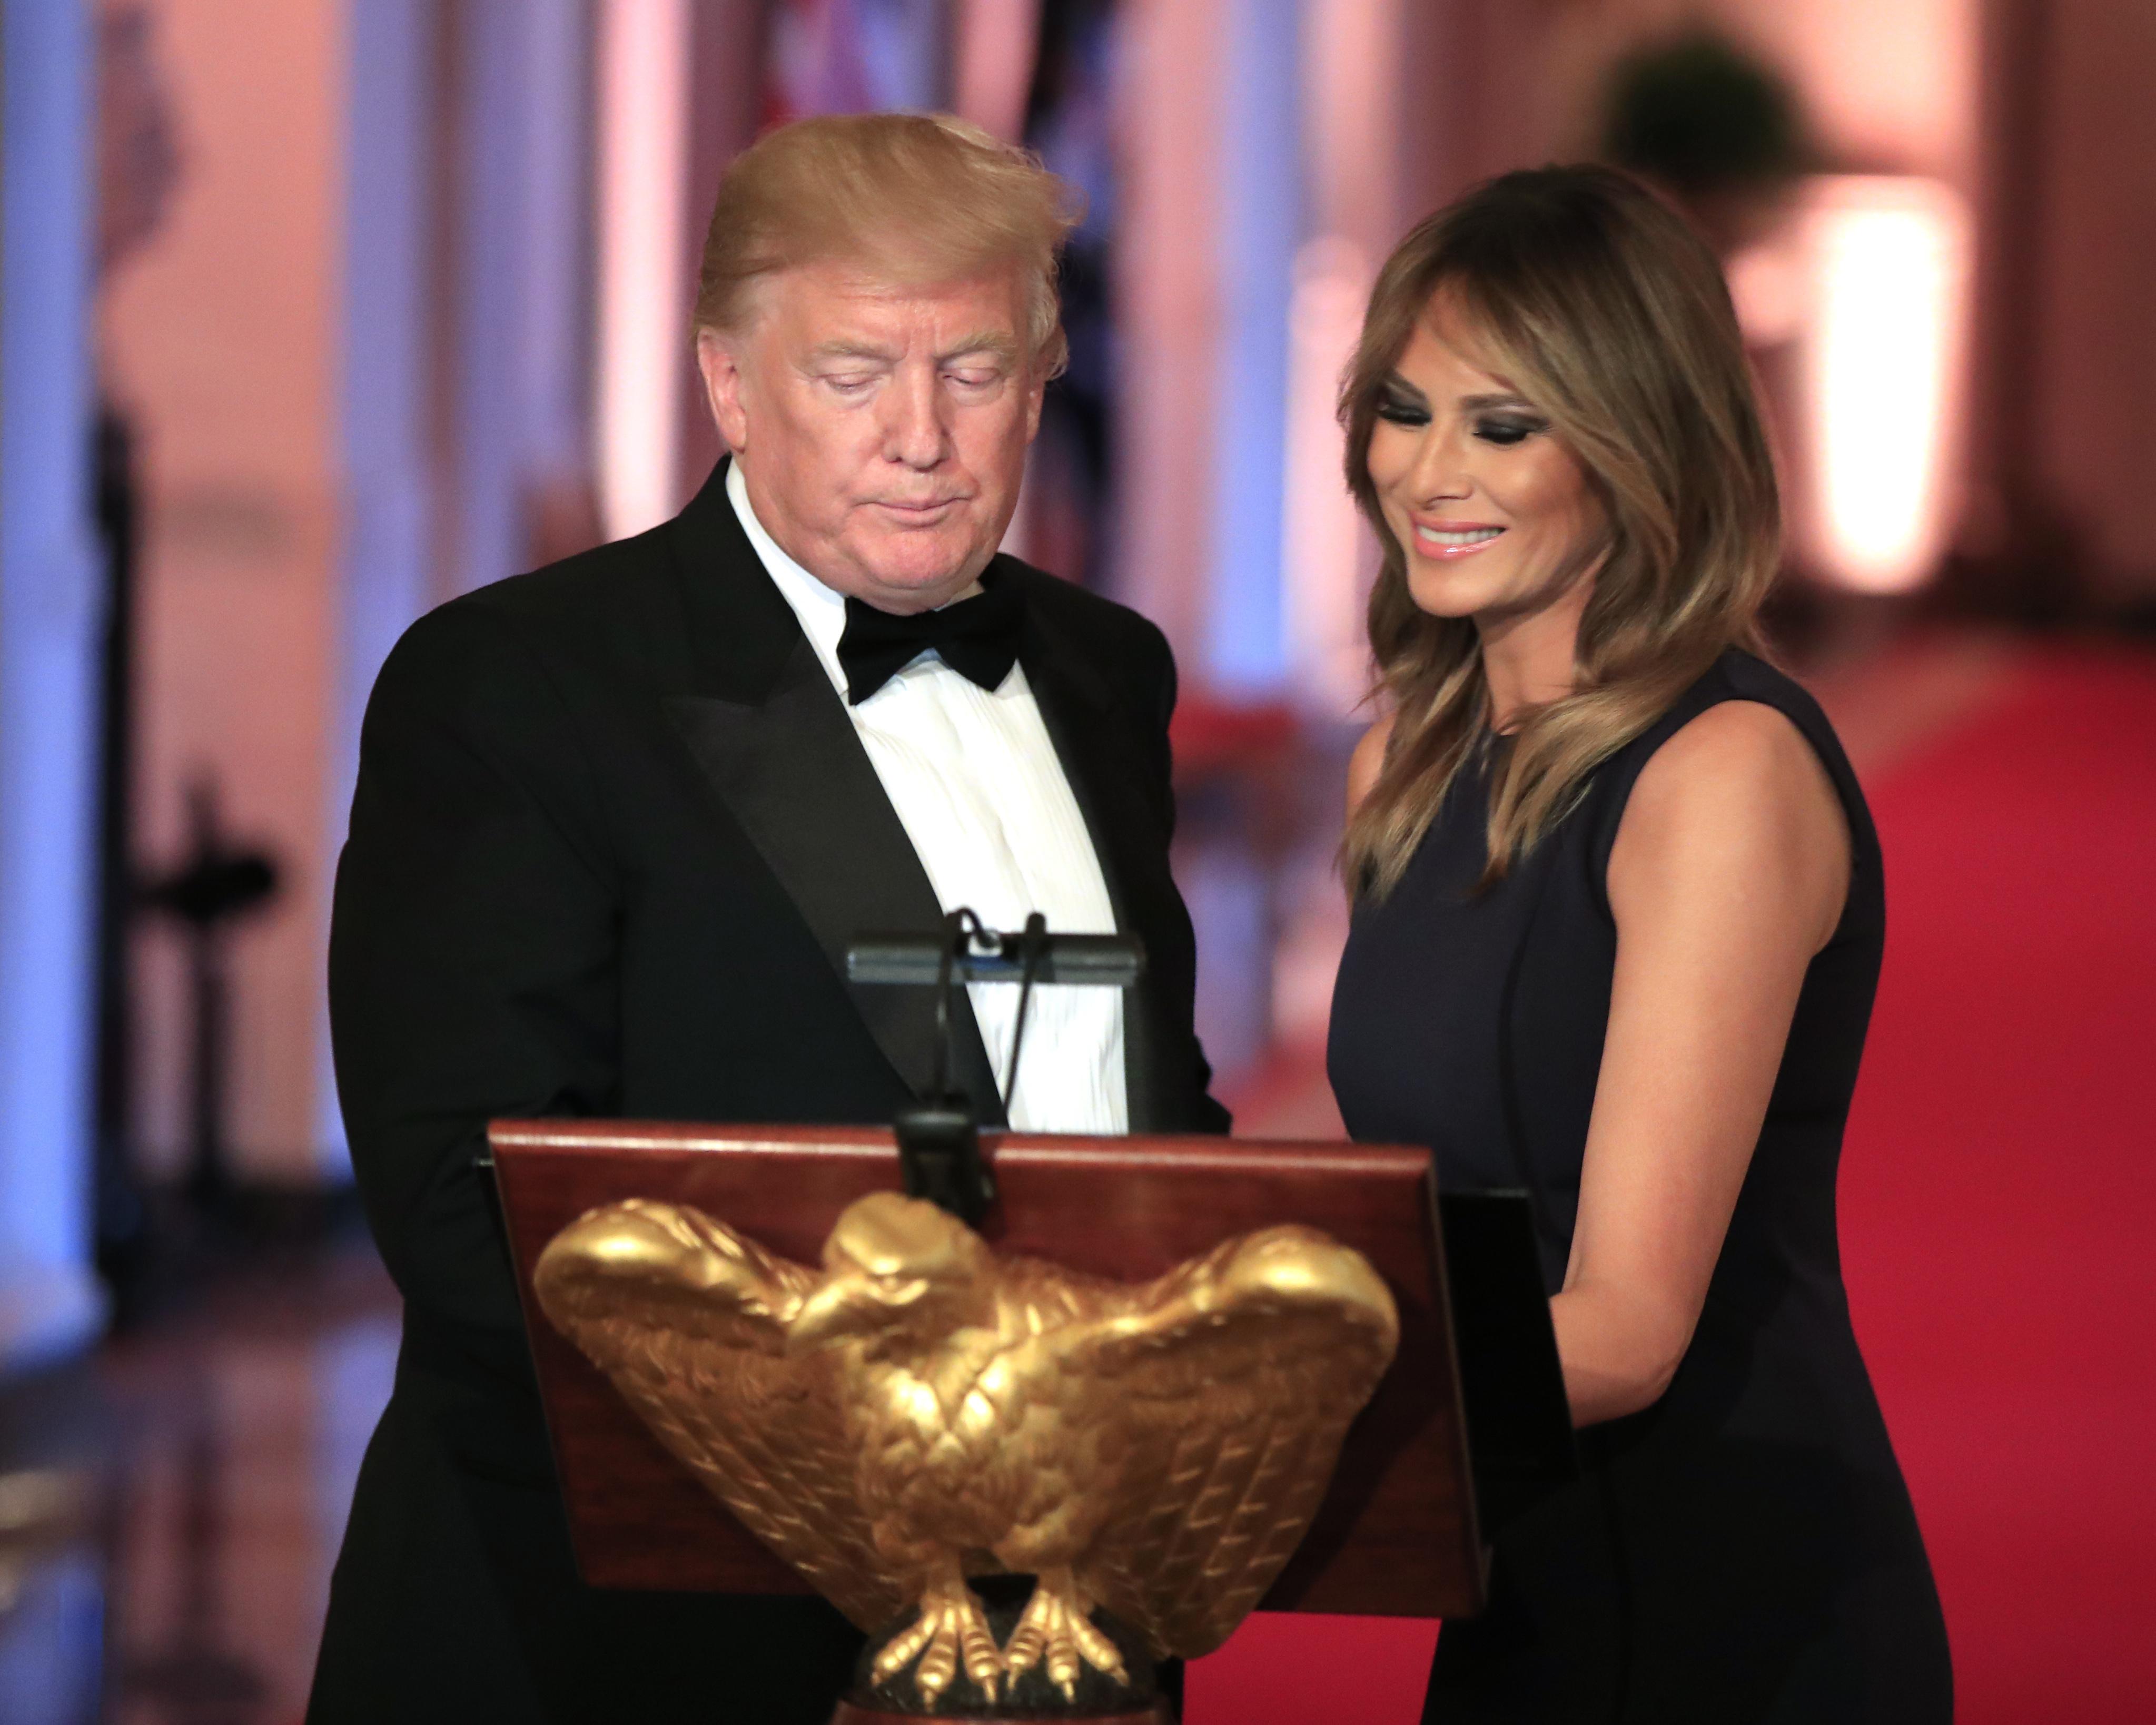 Η Μελάνια Τραμπ συνόδευσε τον σύζυγό της Ντόναλντ και έκλεψε την παράσταση